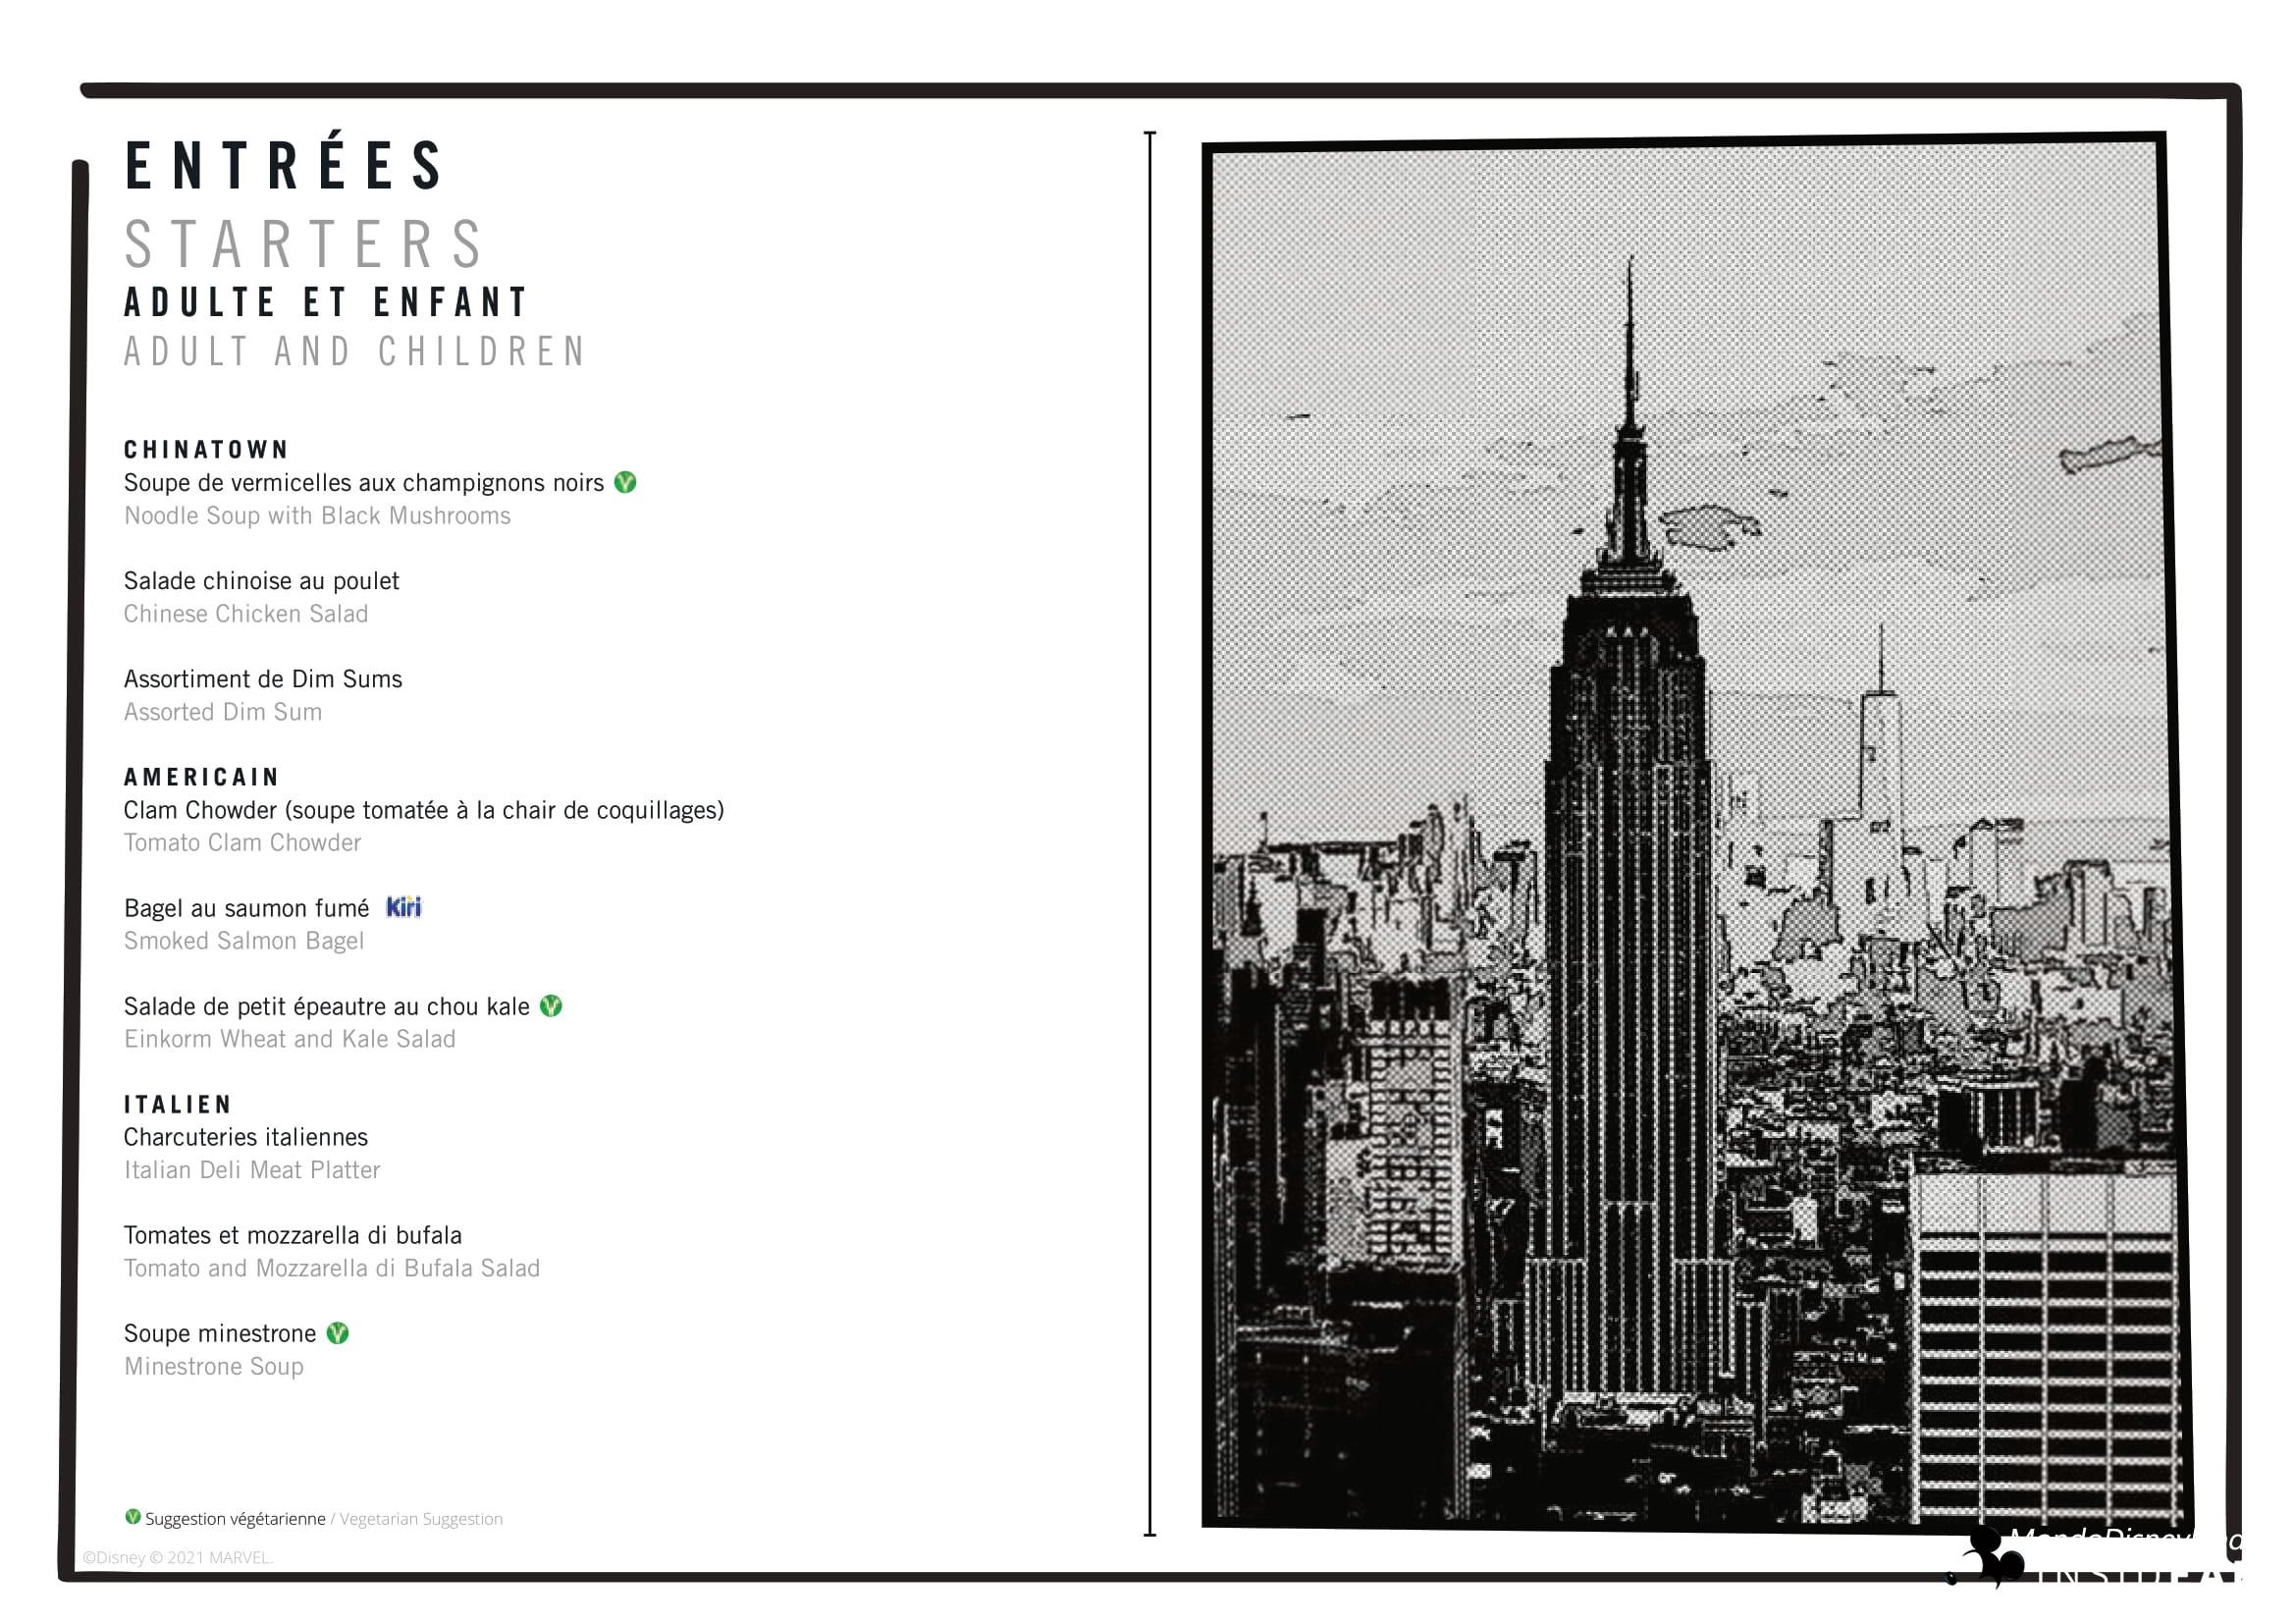 Disney's Hotel New York - The Art of Marvel - Pagina 4 Ahny-d12